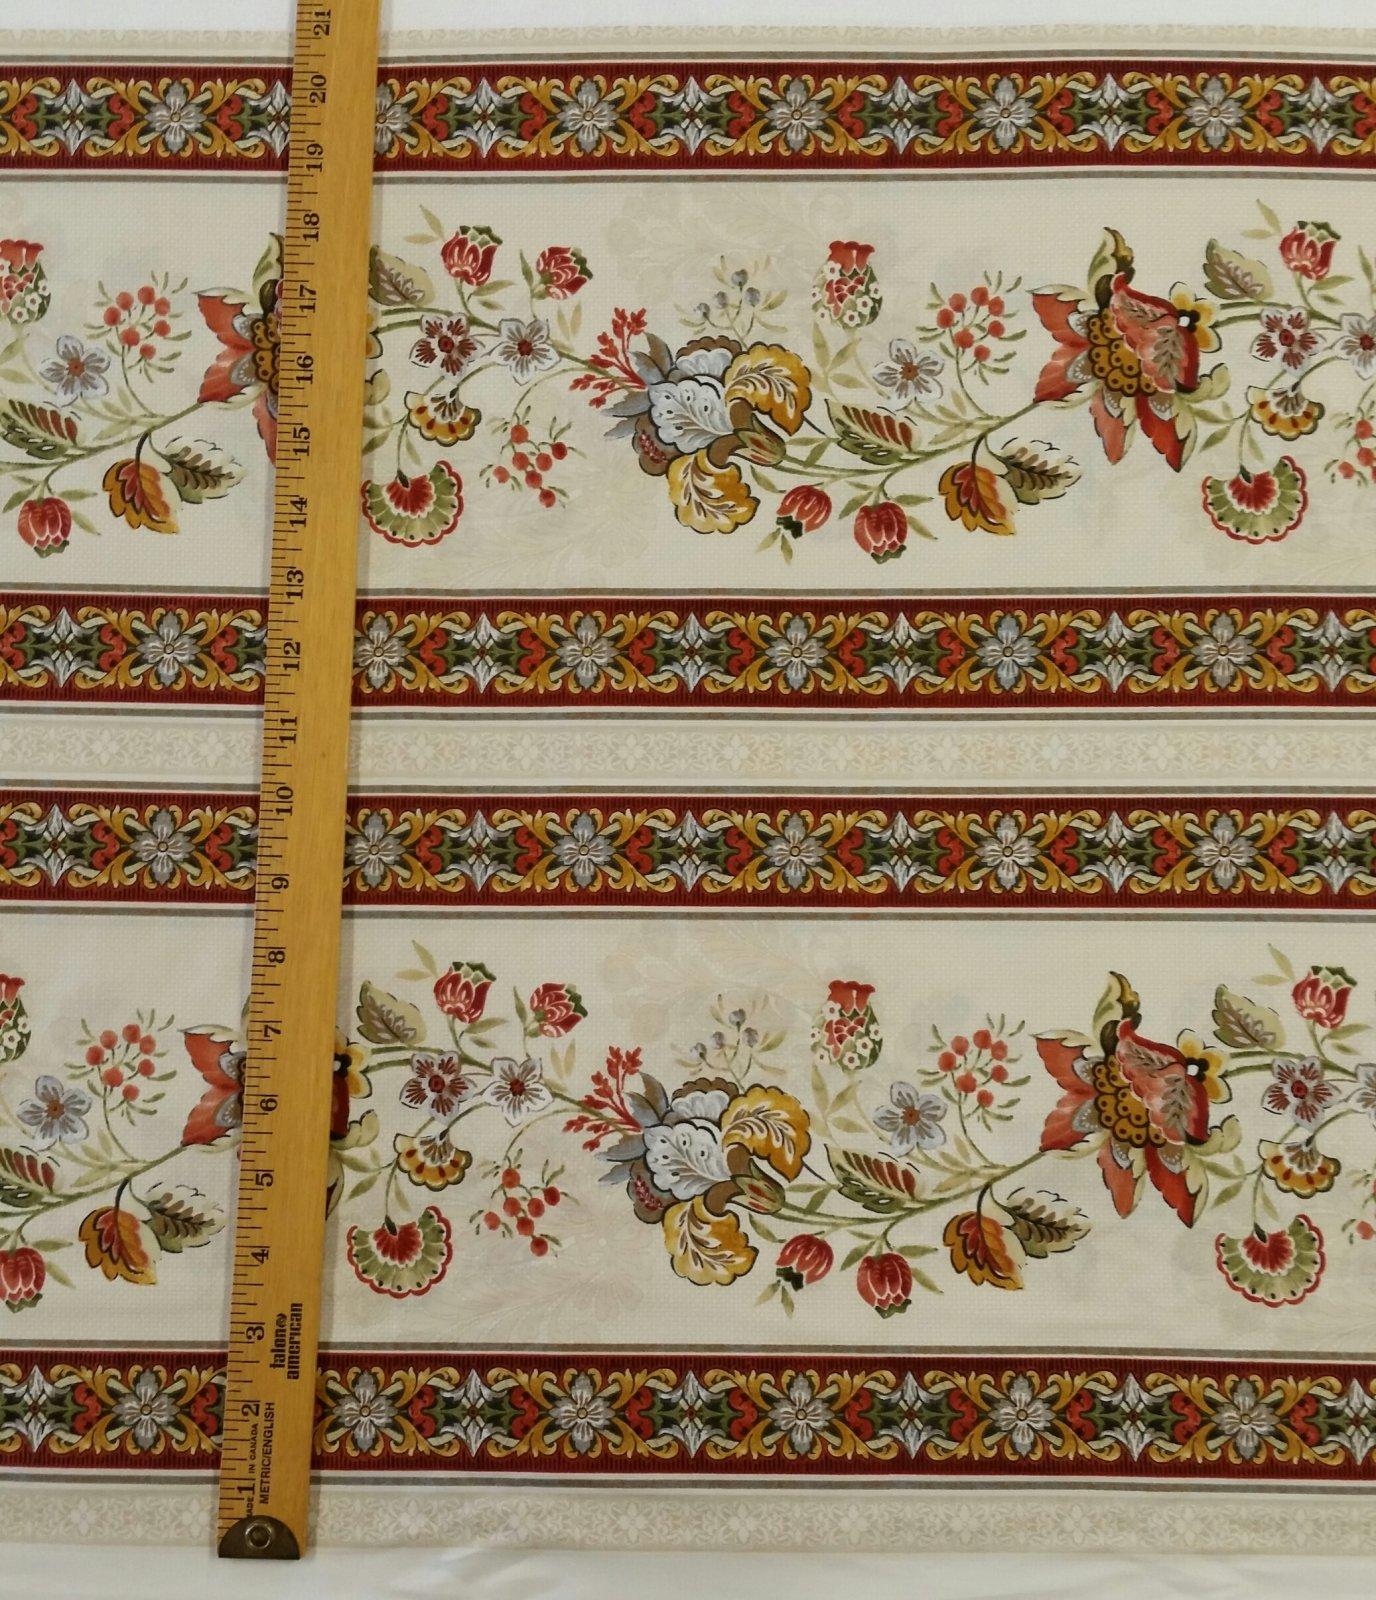 Splenfor II-In the Beginning Fabrics